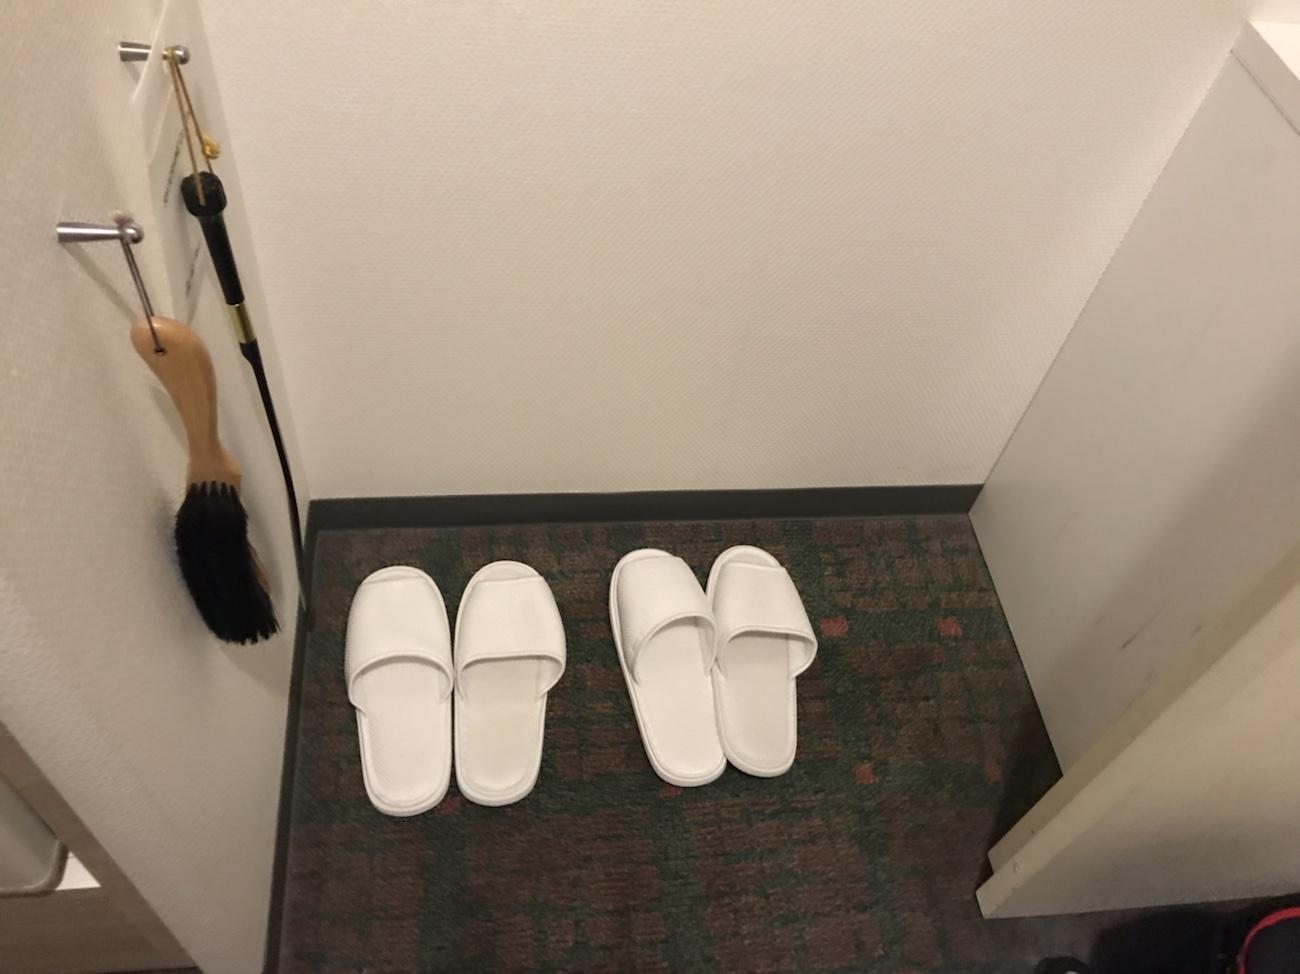 ニューオータニイン札幌 部屋設備 口コミ感想ブログ 札幌旅行